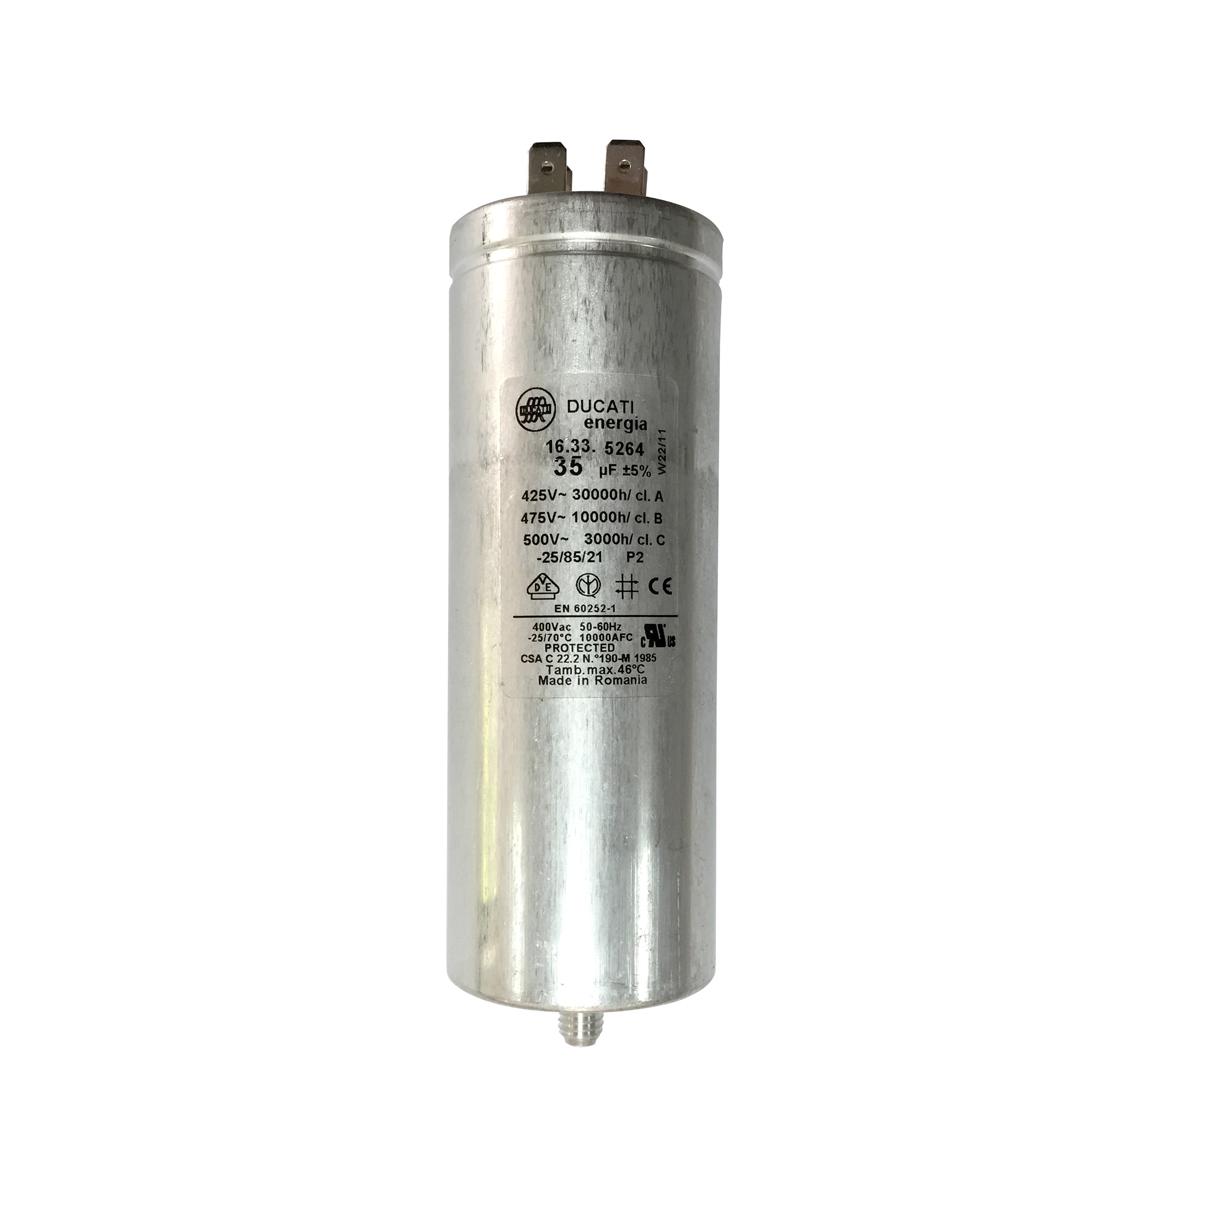 Condensateur moteur metallique 35 f ducati 16335264 for Condensateur moteur piscine